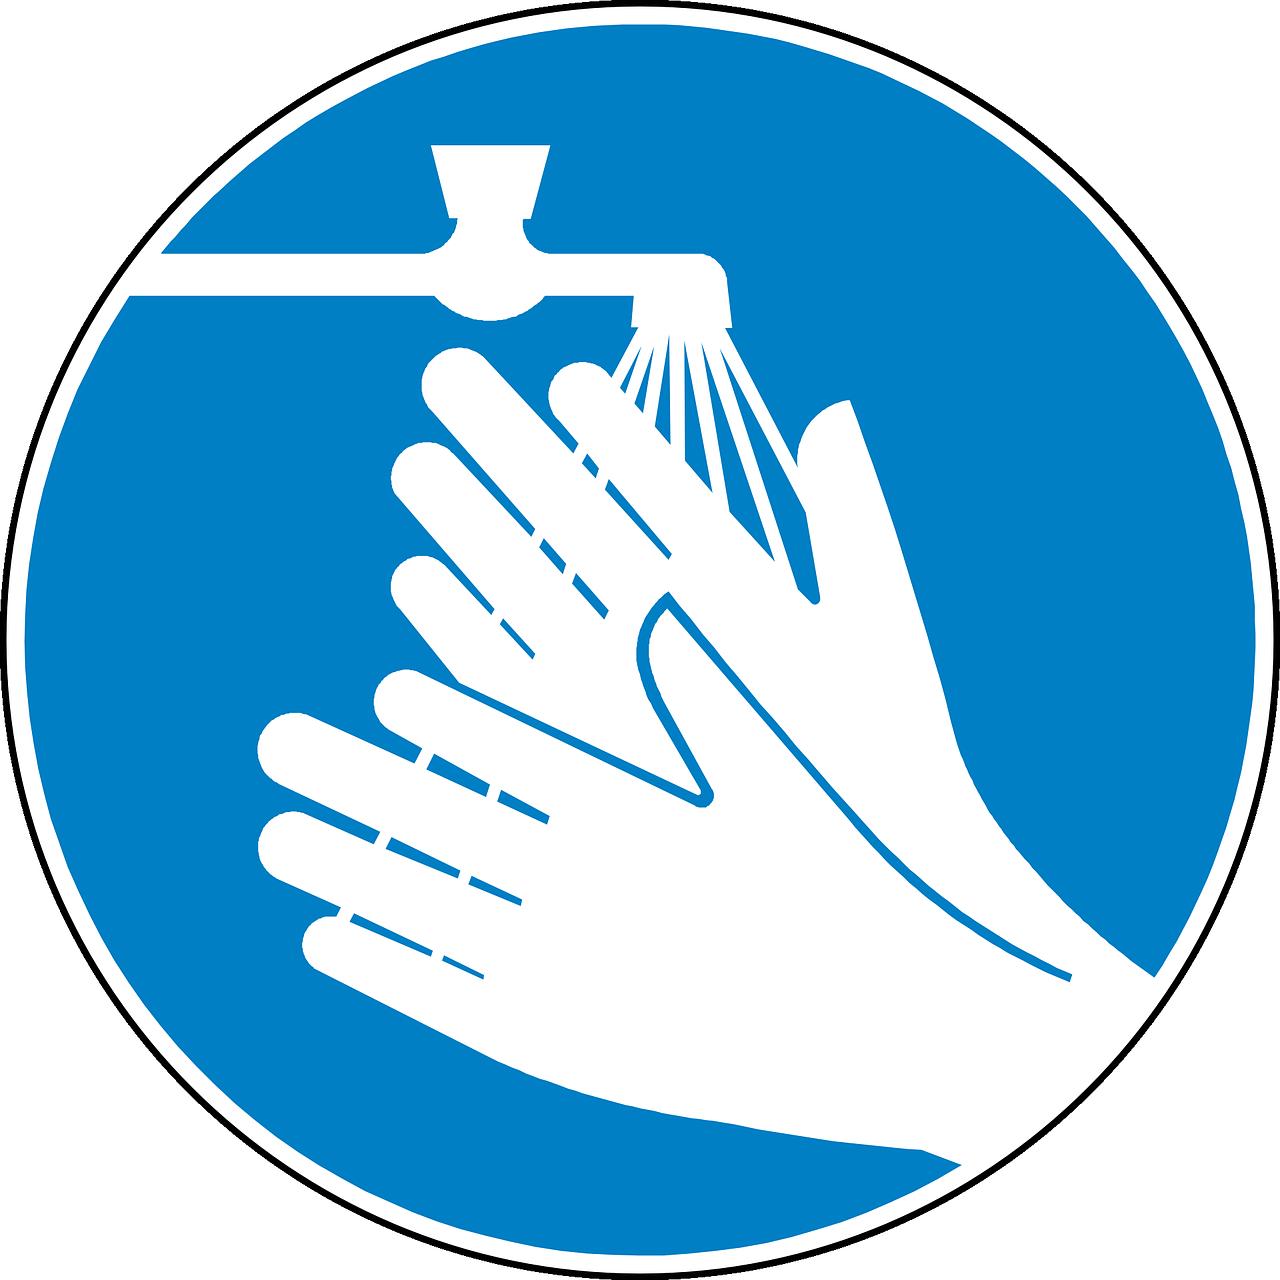 Gute Hygiene ist wichtig.